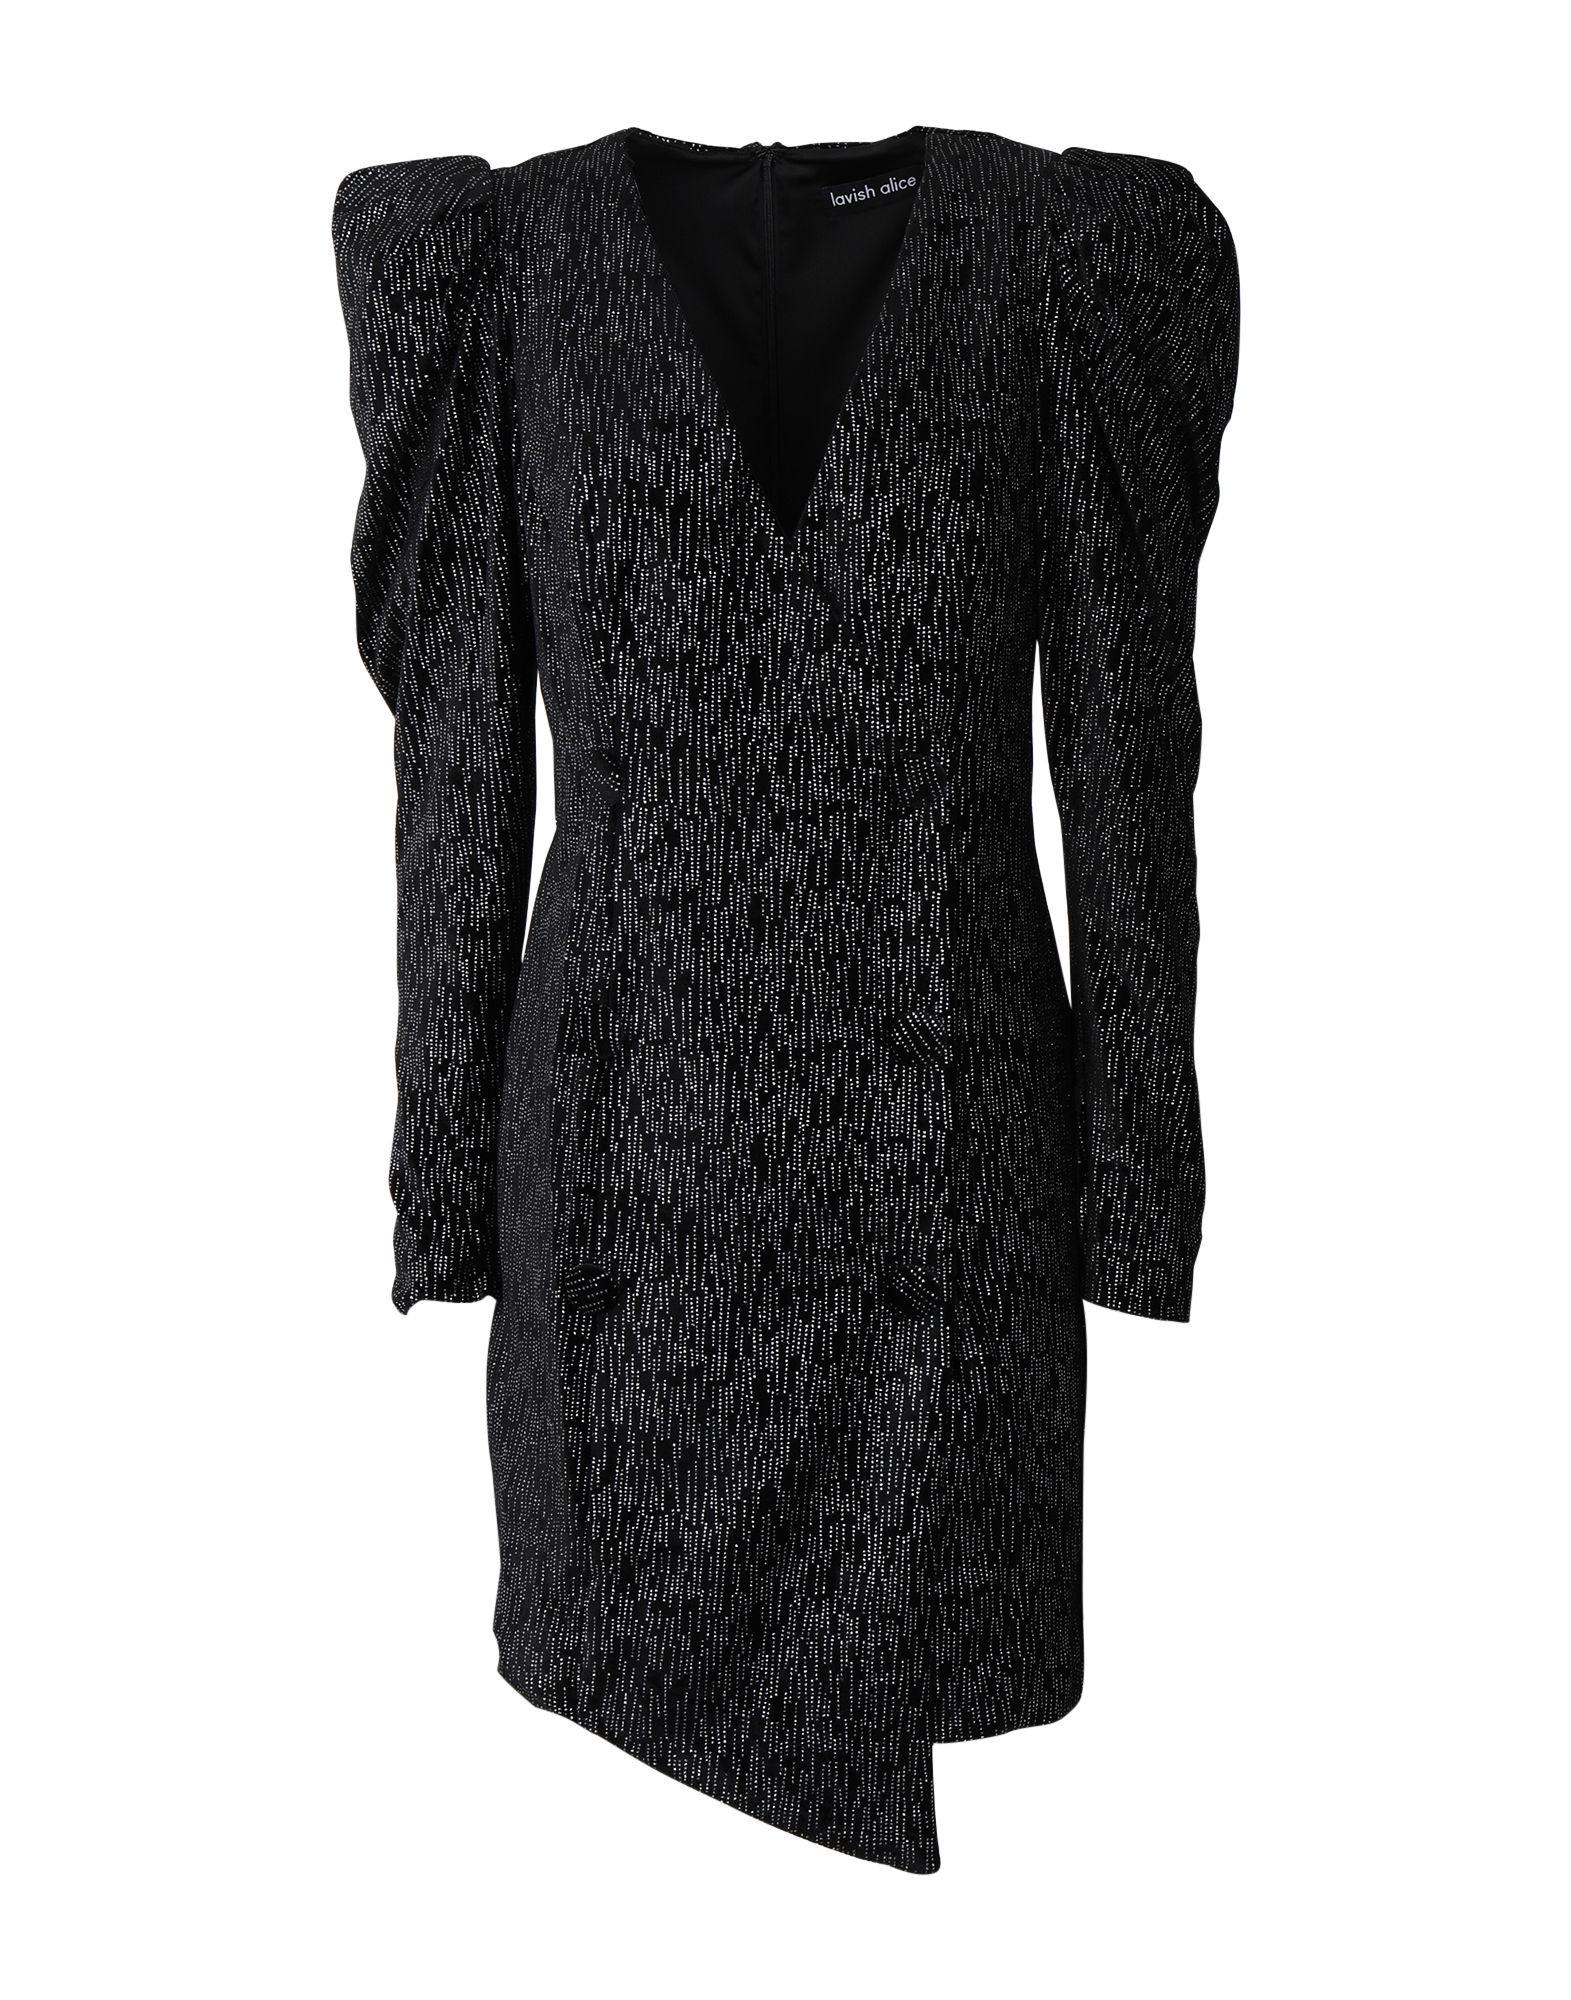 《セール開催中》LAVISH ALICE レディース ミニワンピース&ドレス ブラック 10 ポリエステル 95% / ポリウレタン 5% STATEMENT SHOULDER MINI DRESS IN DIAMANTE VELVET